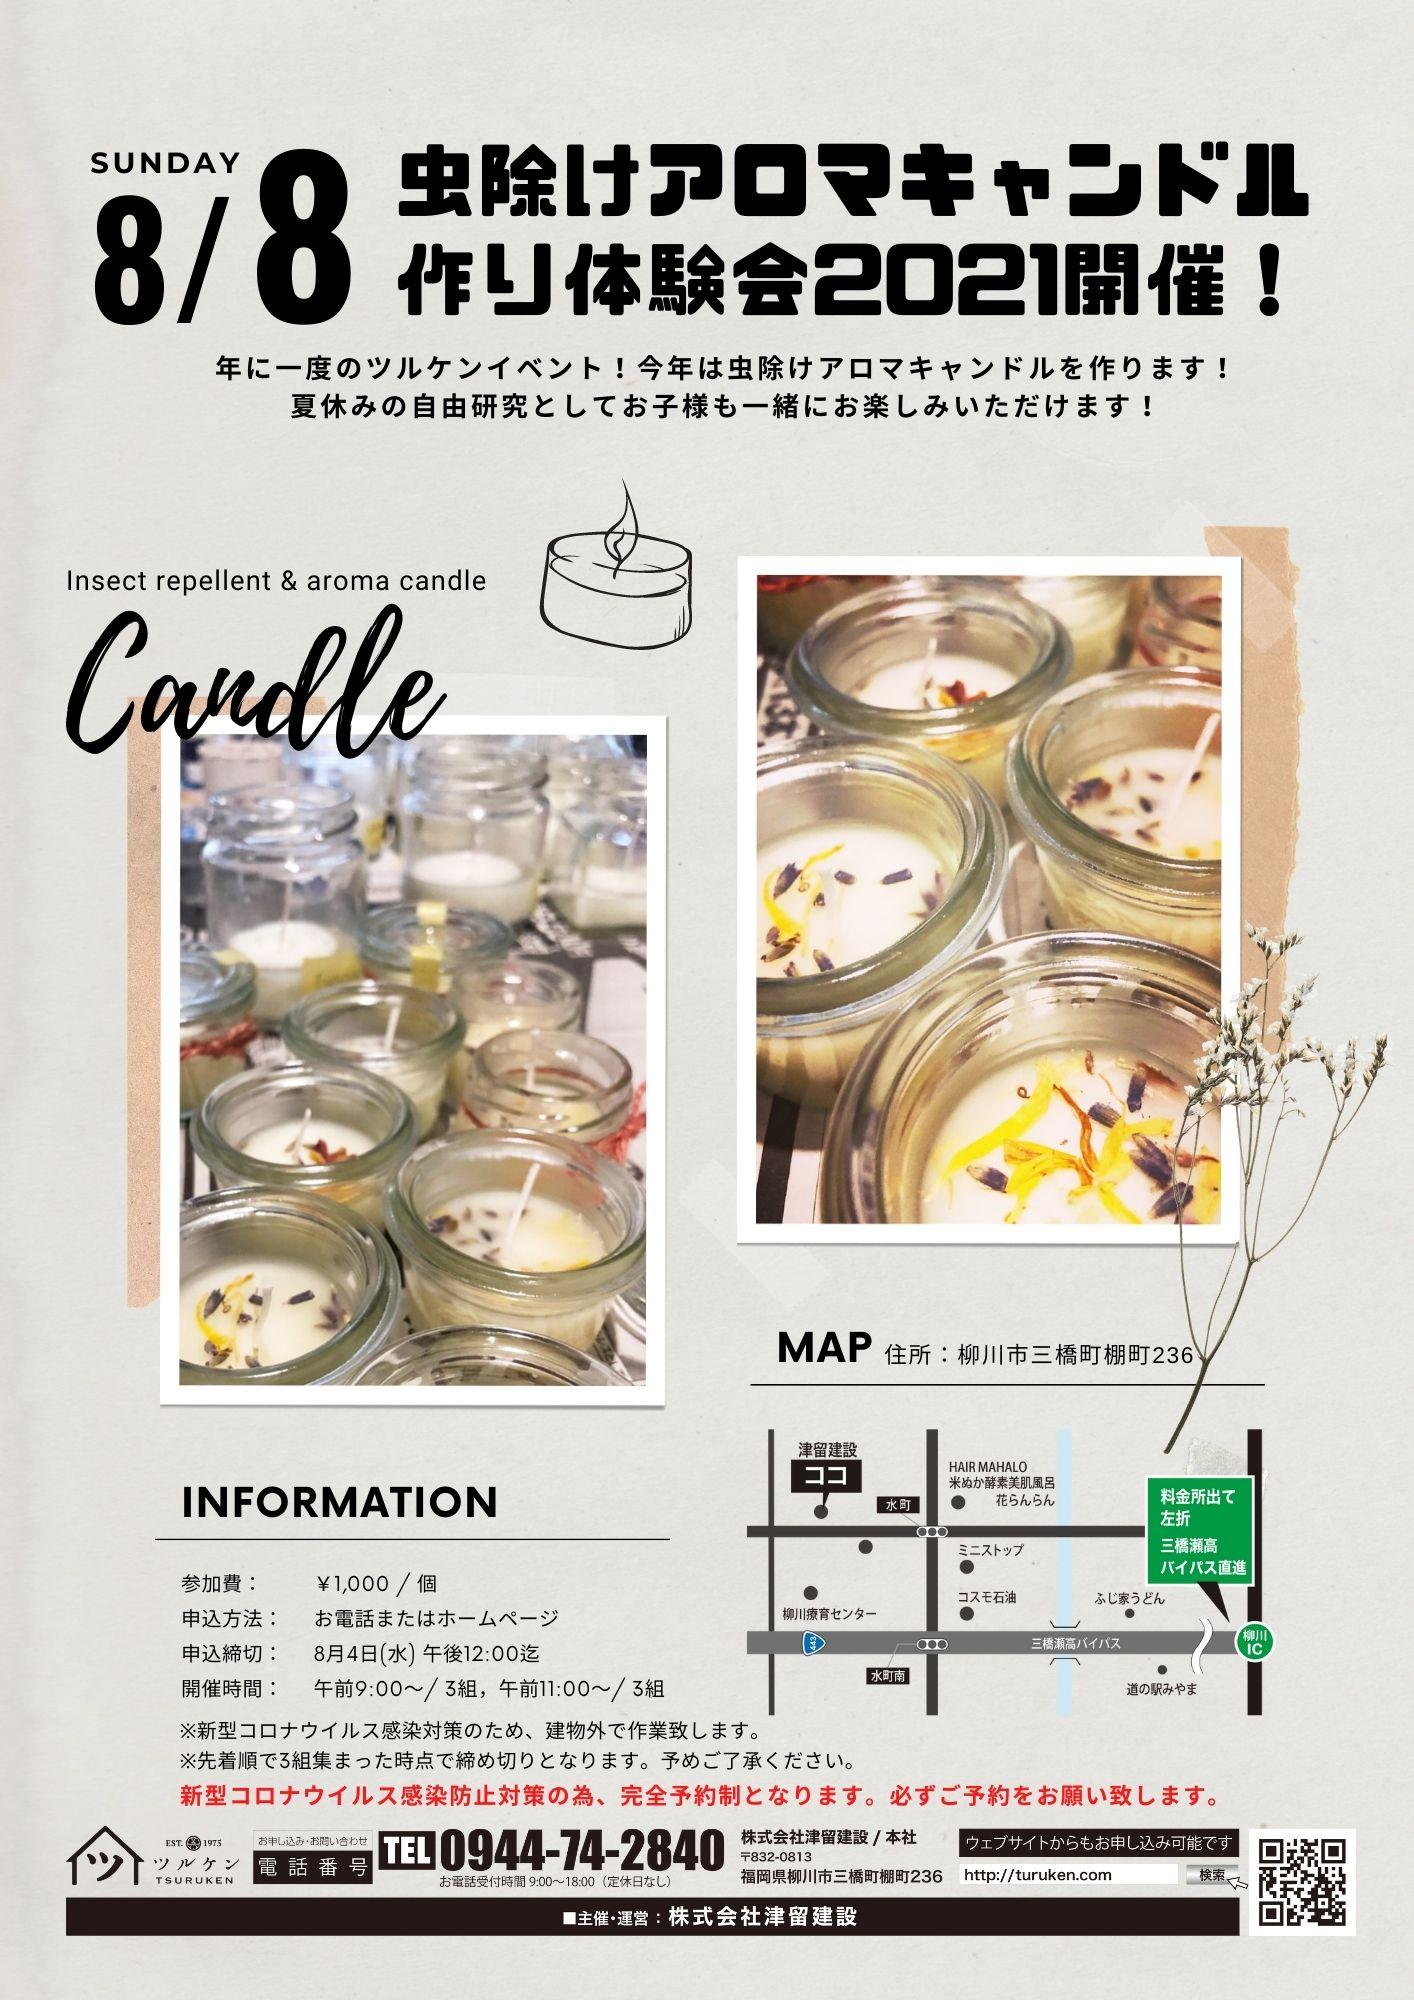 ツルケン夏のイベント!虫除けアロマキャンドル作り体験会2021開催!